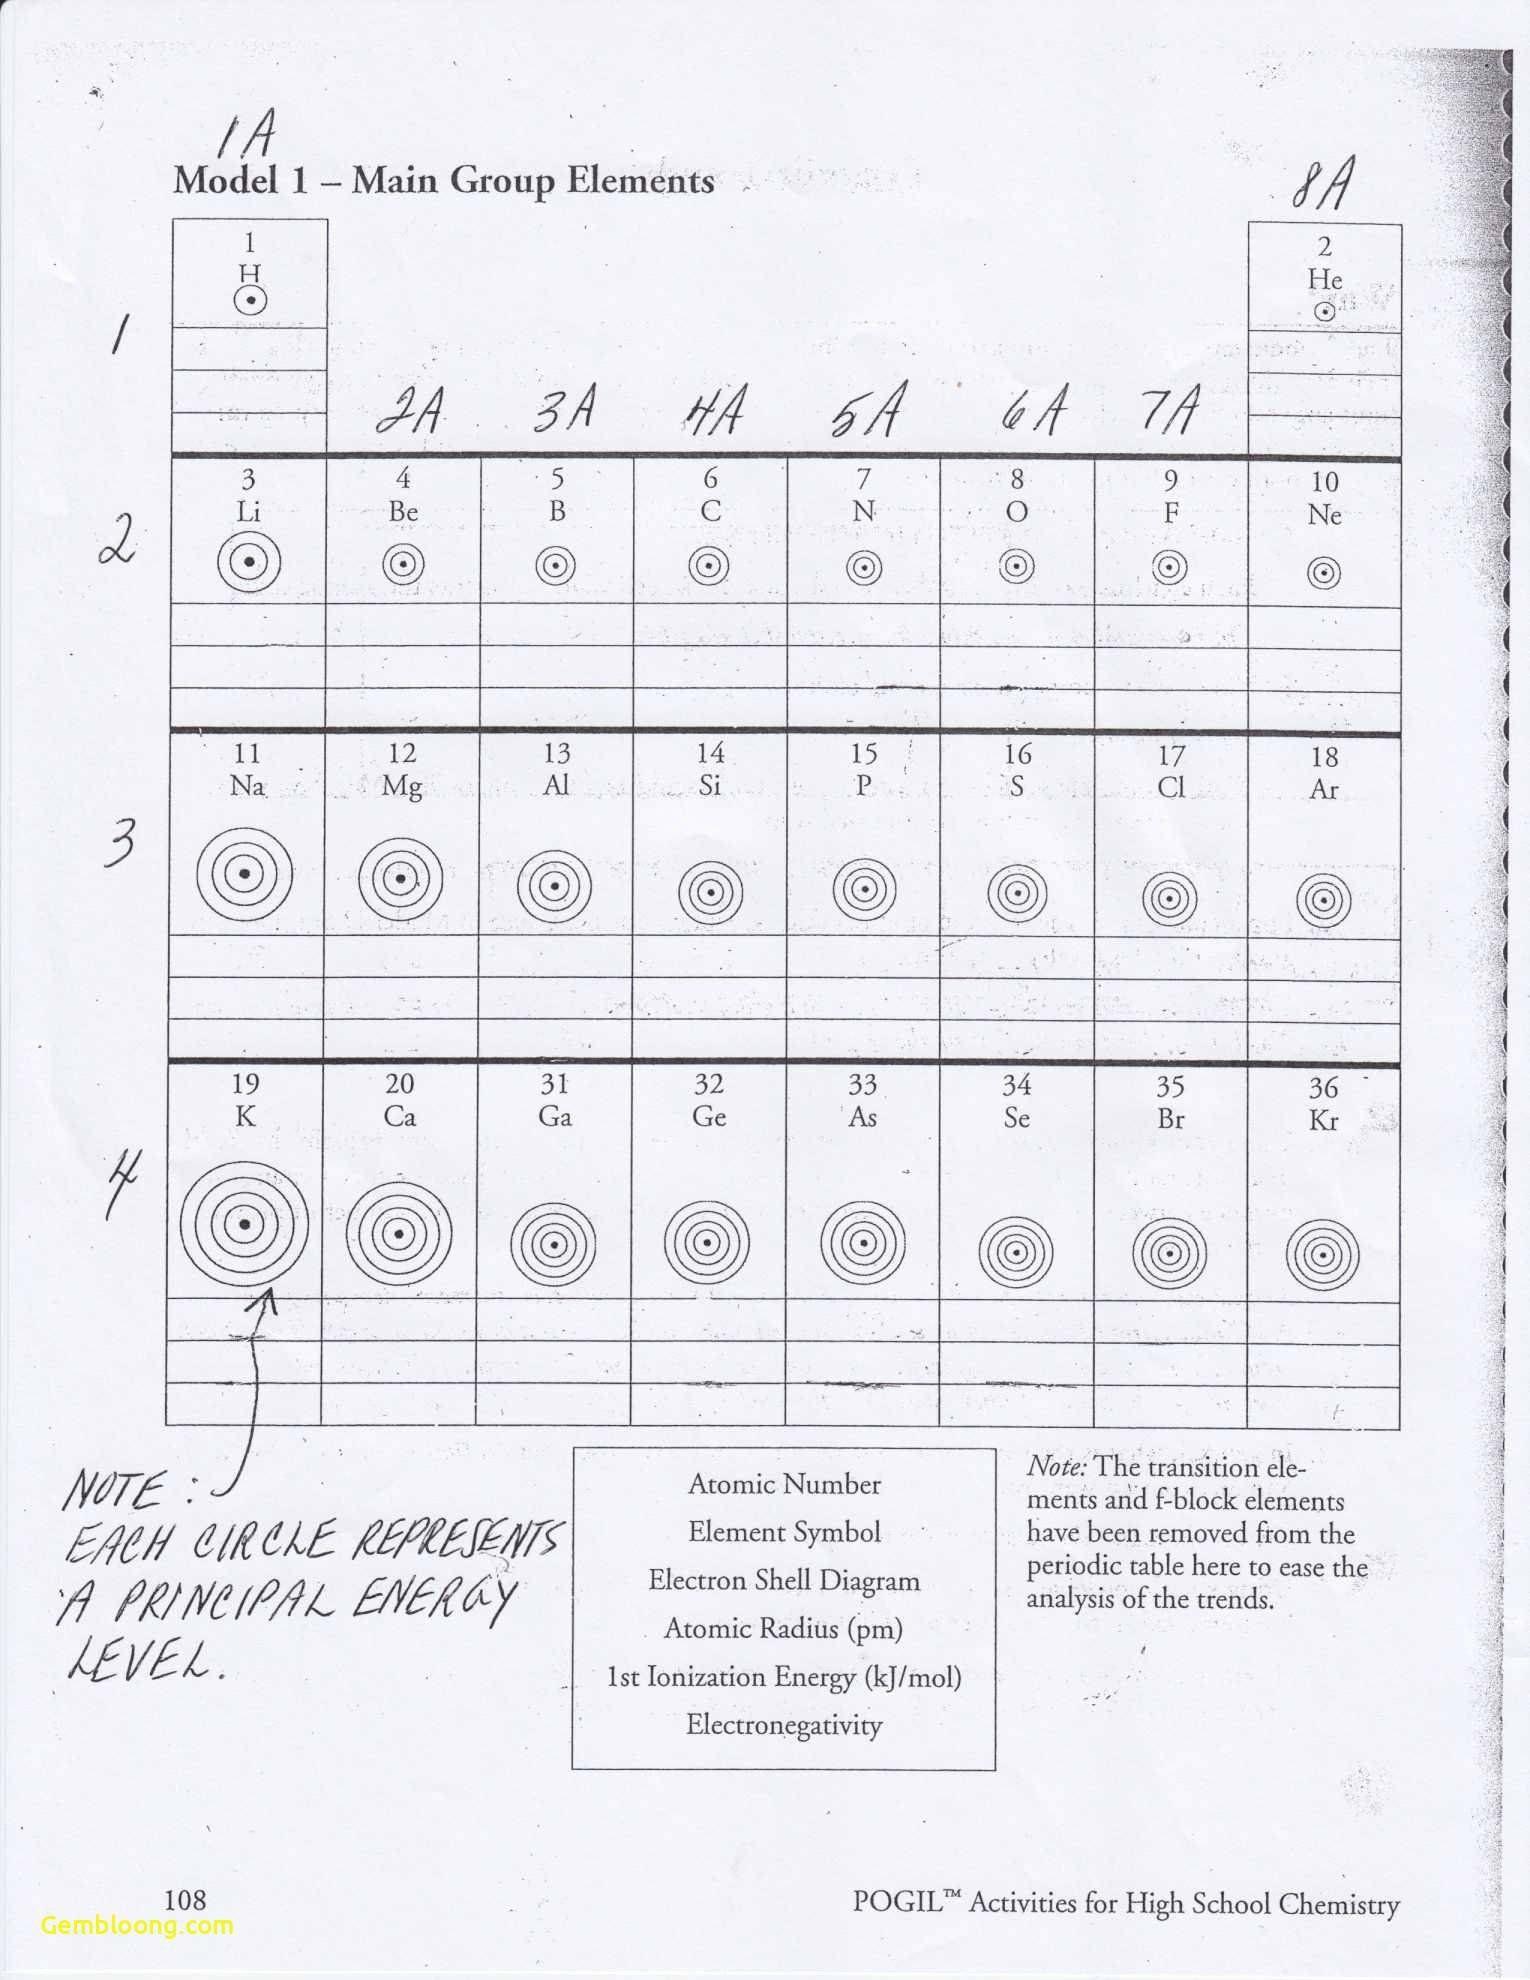 Simplifying Radicals Worksheet Answer Key Awesome Radicals Worksheet With Answers Cramerfo In 2020 Repeated Addition Worksheets Simplifying Radicals Worksheet Template